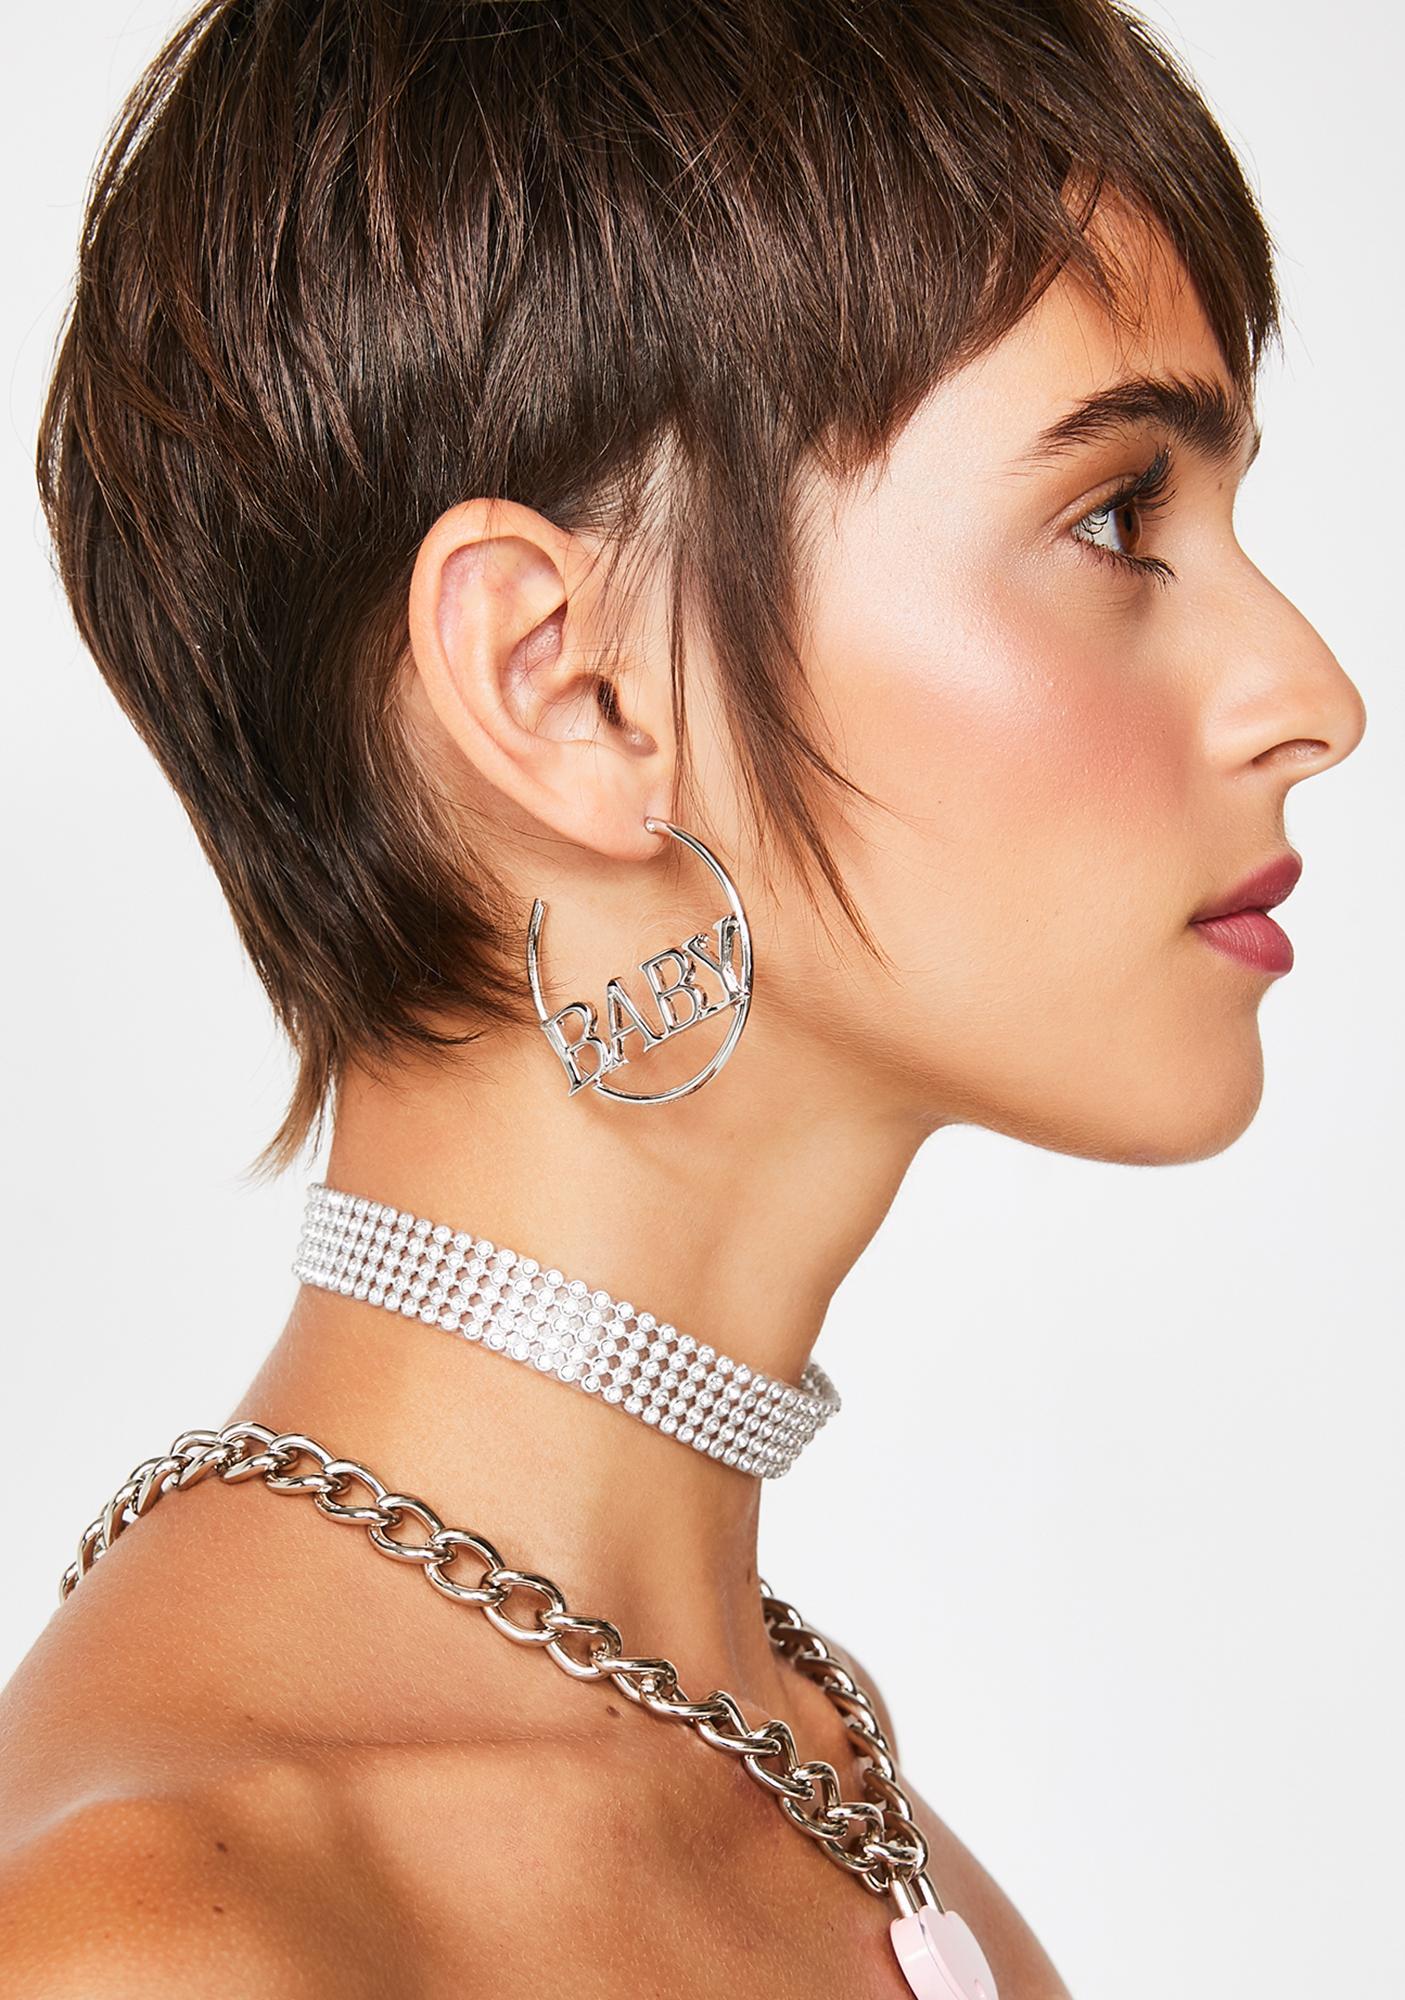 It'z All Good Hoop Earrings